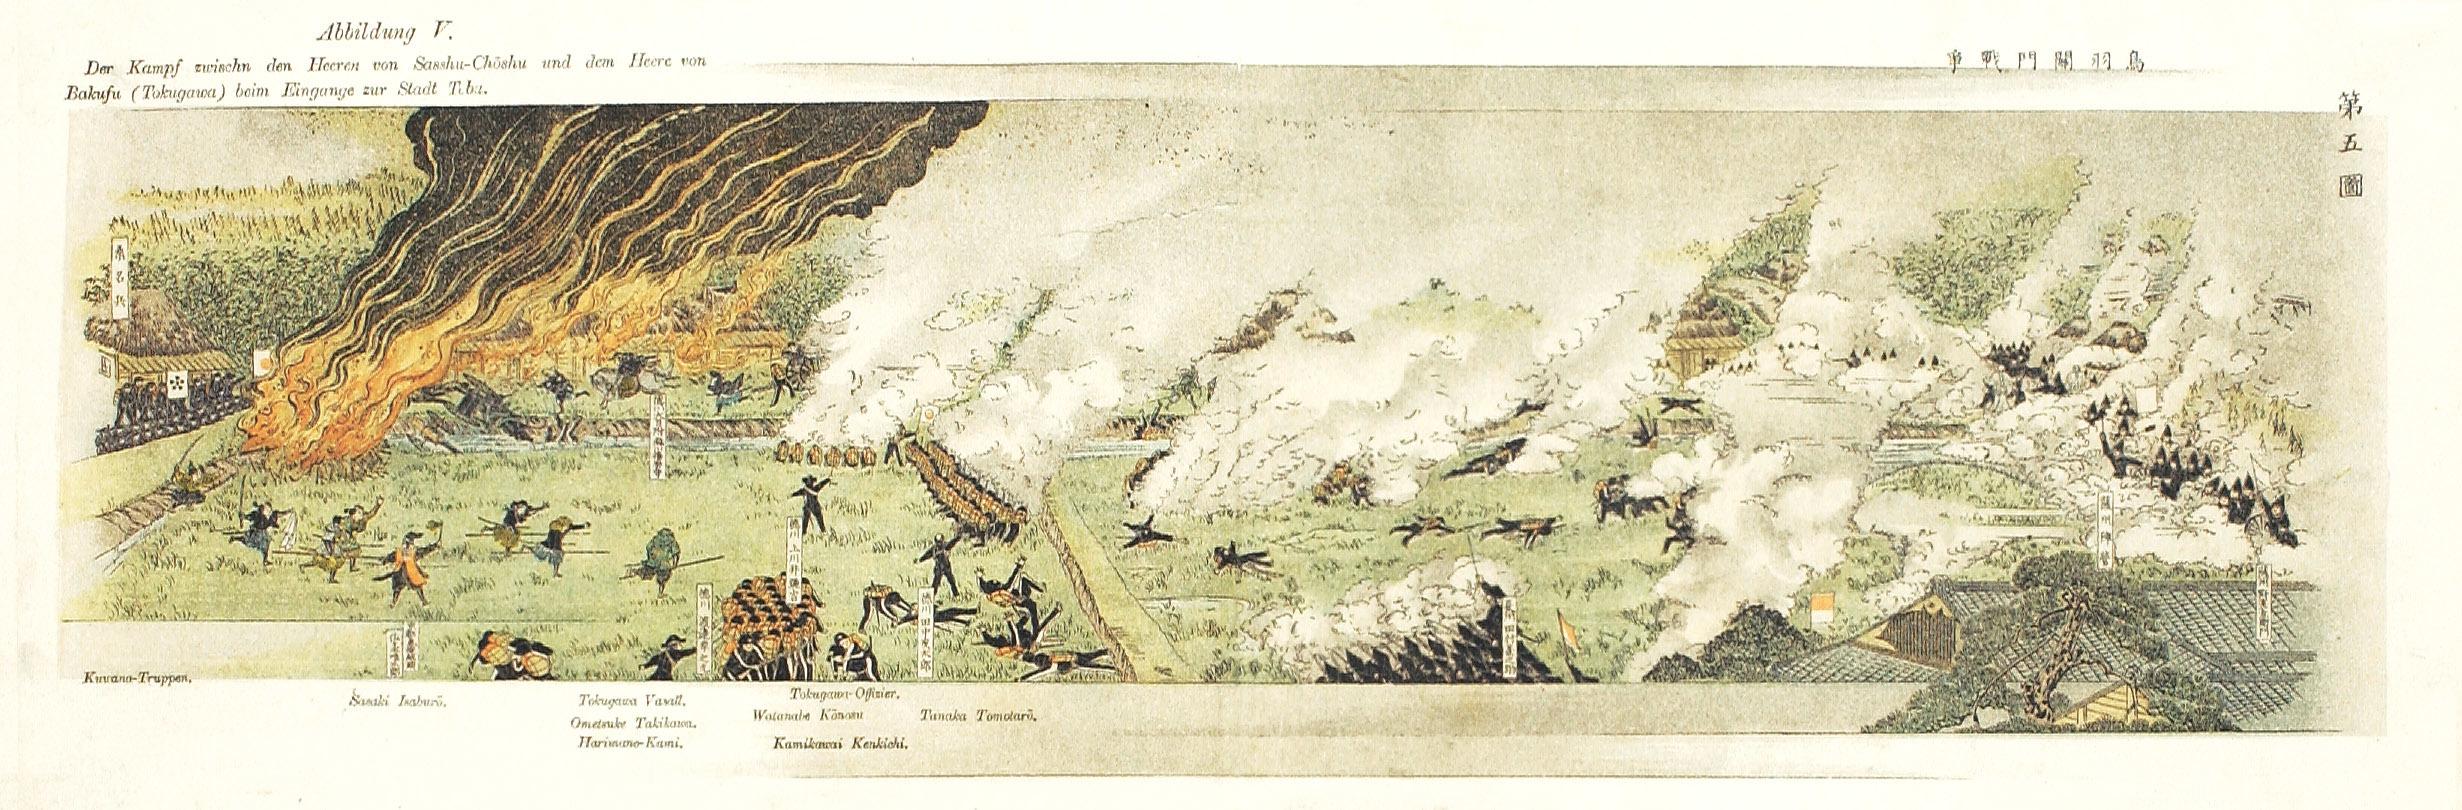 京阪・文化フォーラム「大政奉還、鳥羽伏見の戦い」を5月13日(土)に開催